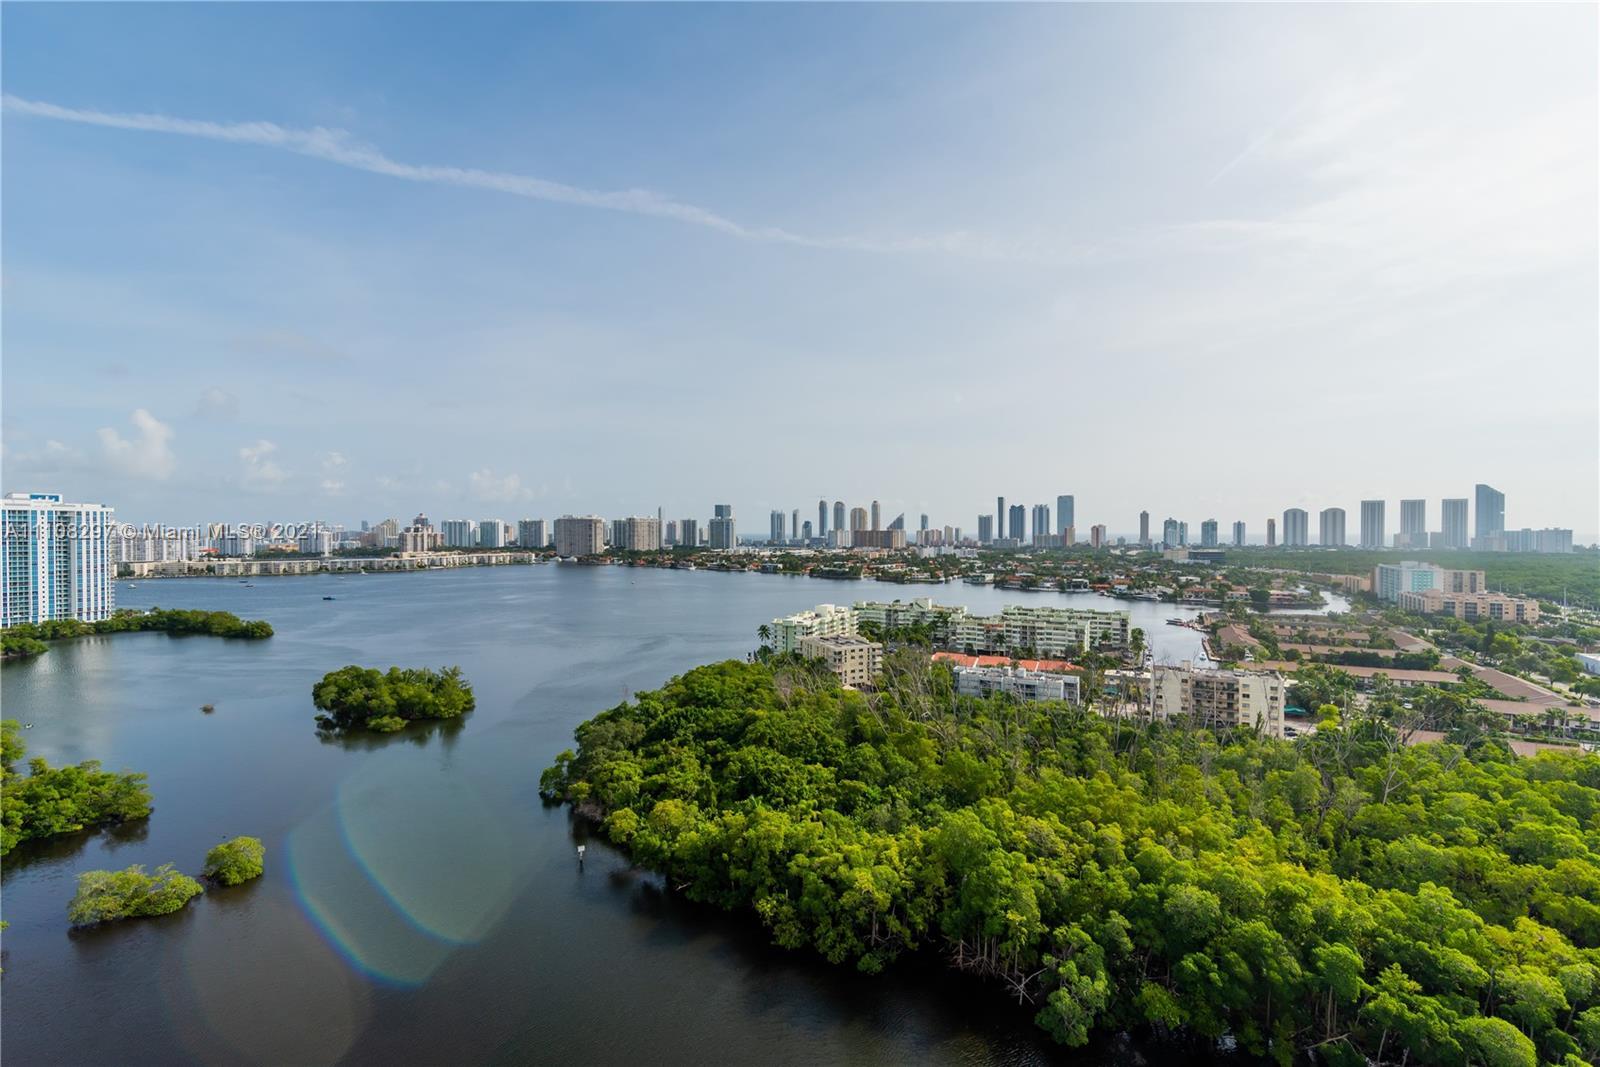 The Harbour #2217 - 16385 Biscayne Blvd #2217, North Miami Beach, FL 33160